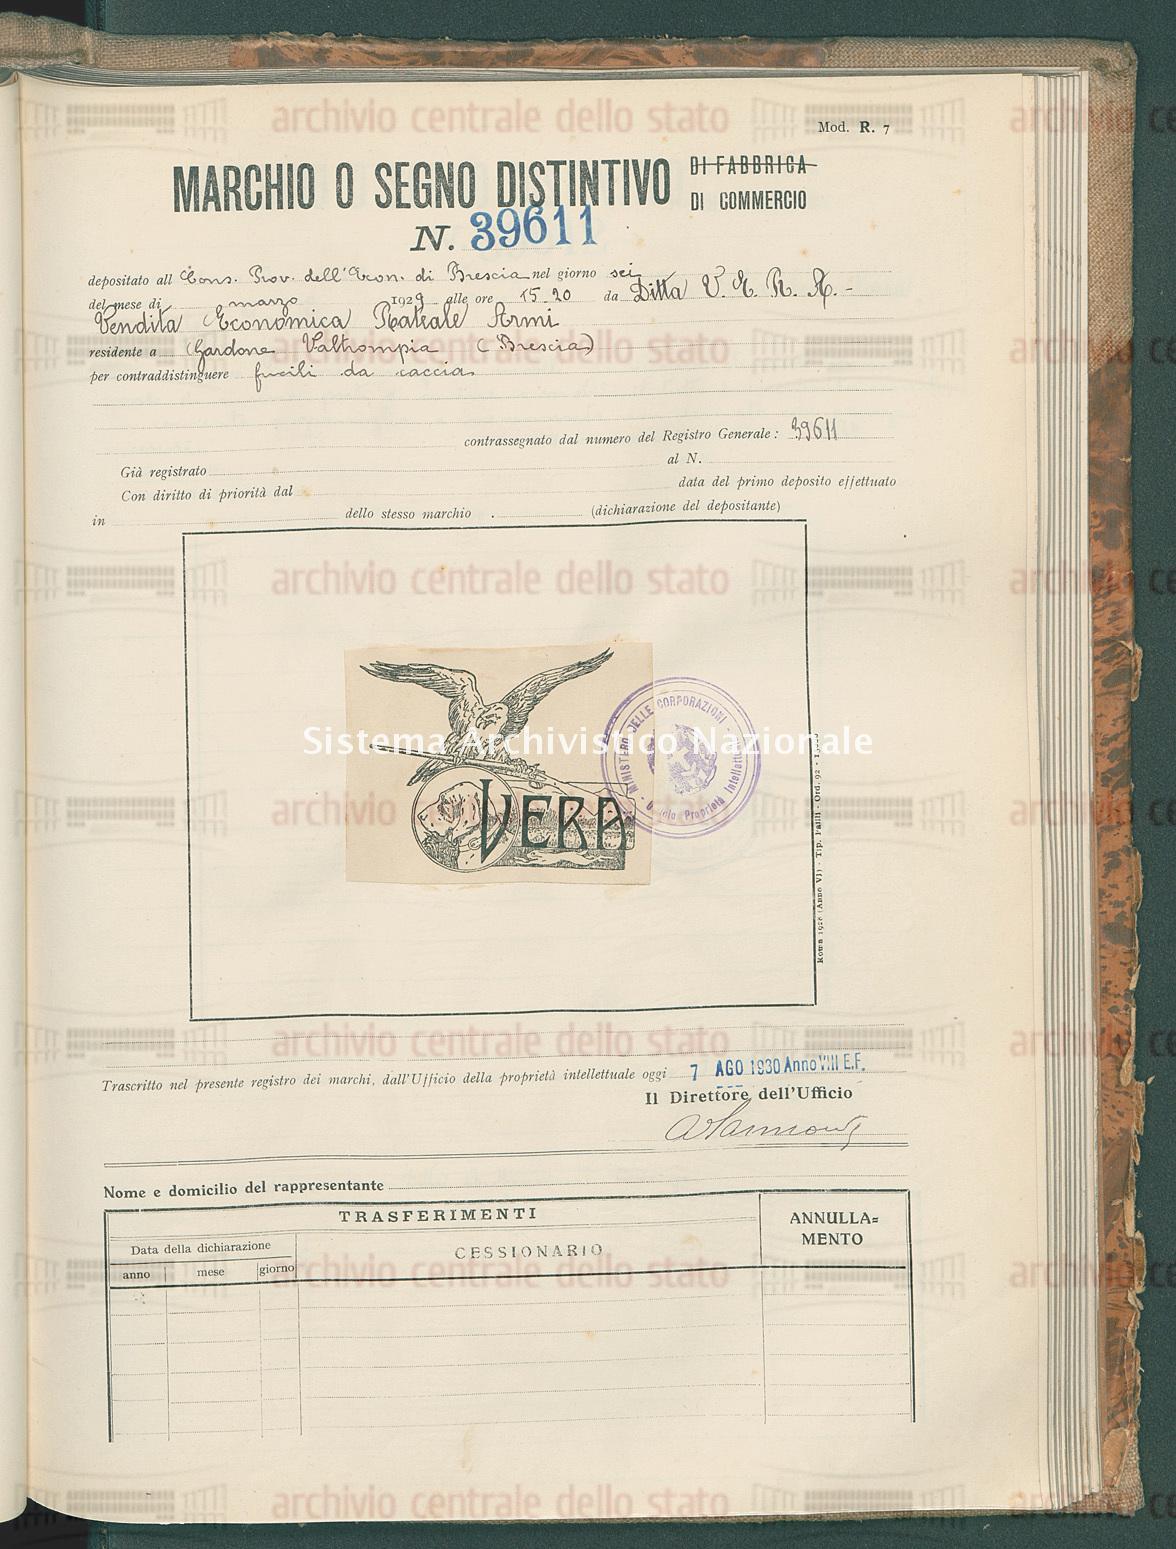 Fucili da caccia Ditta V.E.R.A. - Vendita Economica Rateale Armi (07/08/1930)